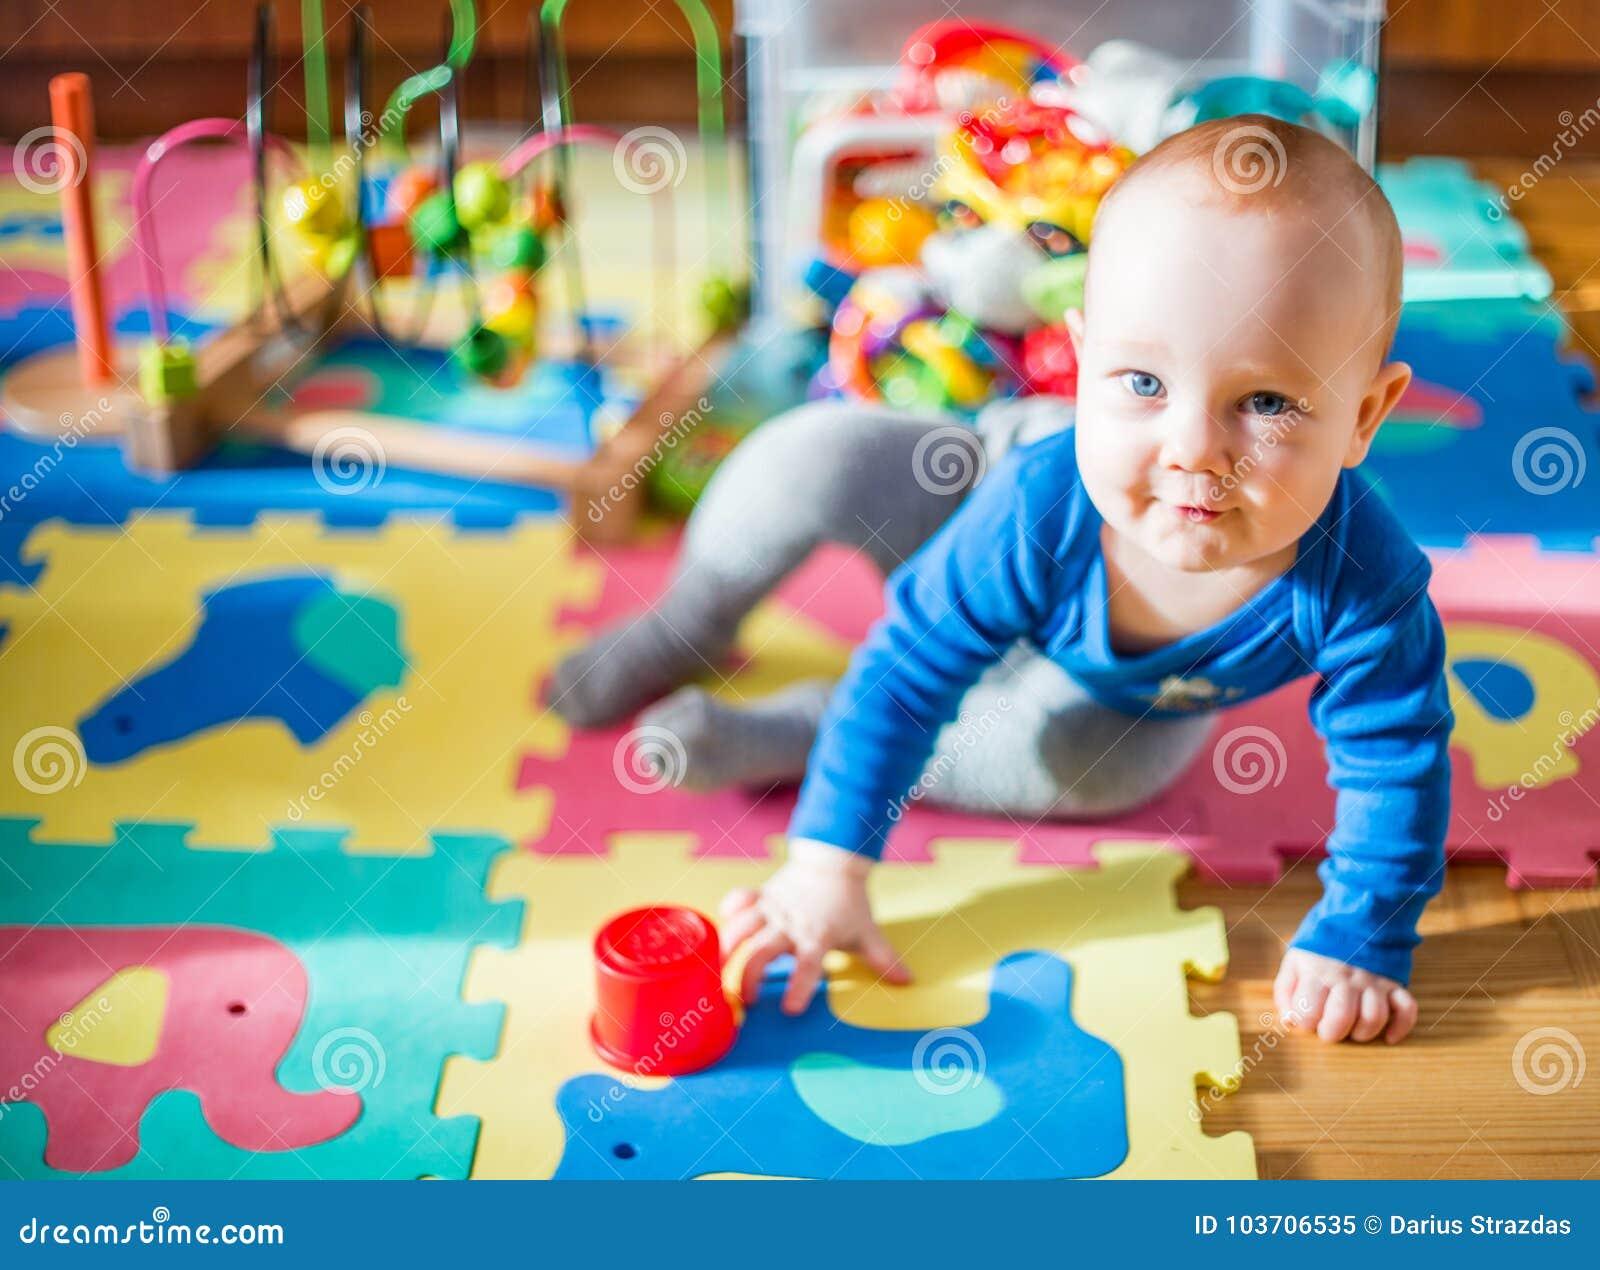 Jeu de bébé dans sa chambre, beaucoup de jouets